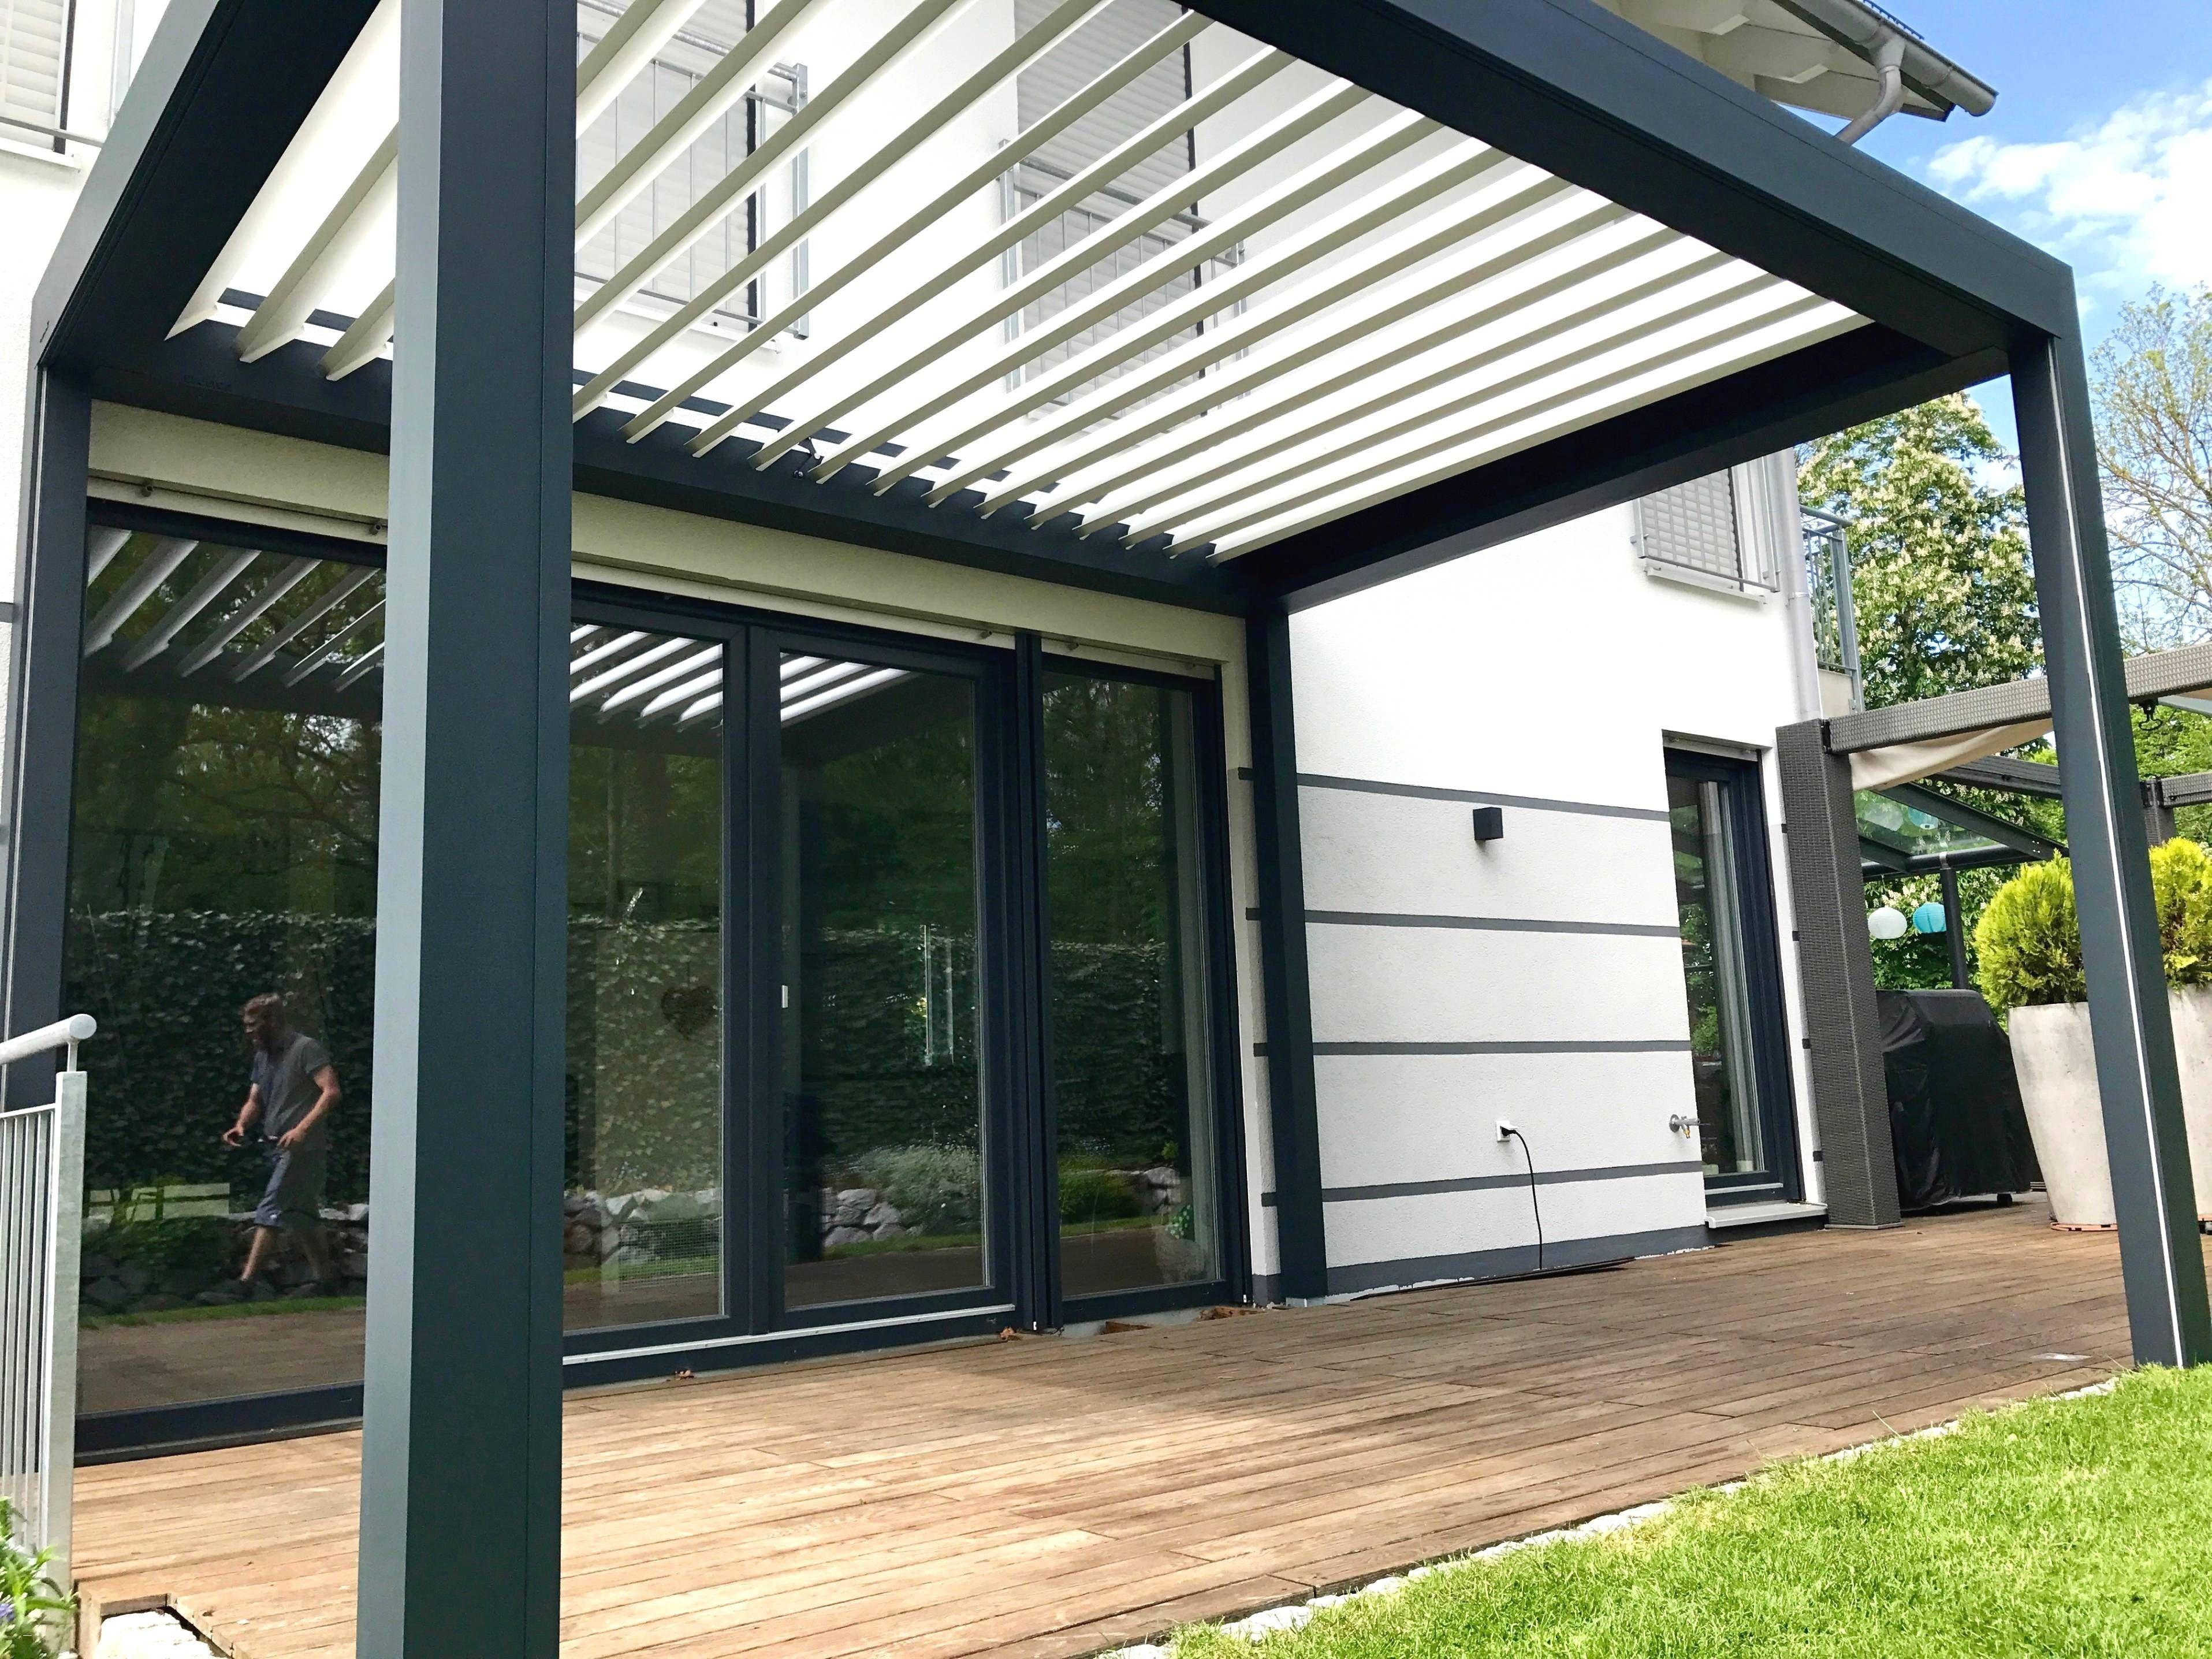 balkon zum wintergarten selber bauen kostenfreier download balkon bauen holzkonstruktion 650 976. Black Bedroom Furniture Sets. Home Design Ideas